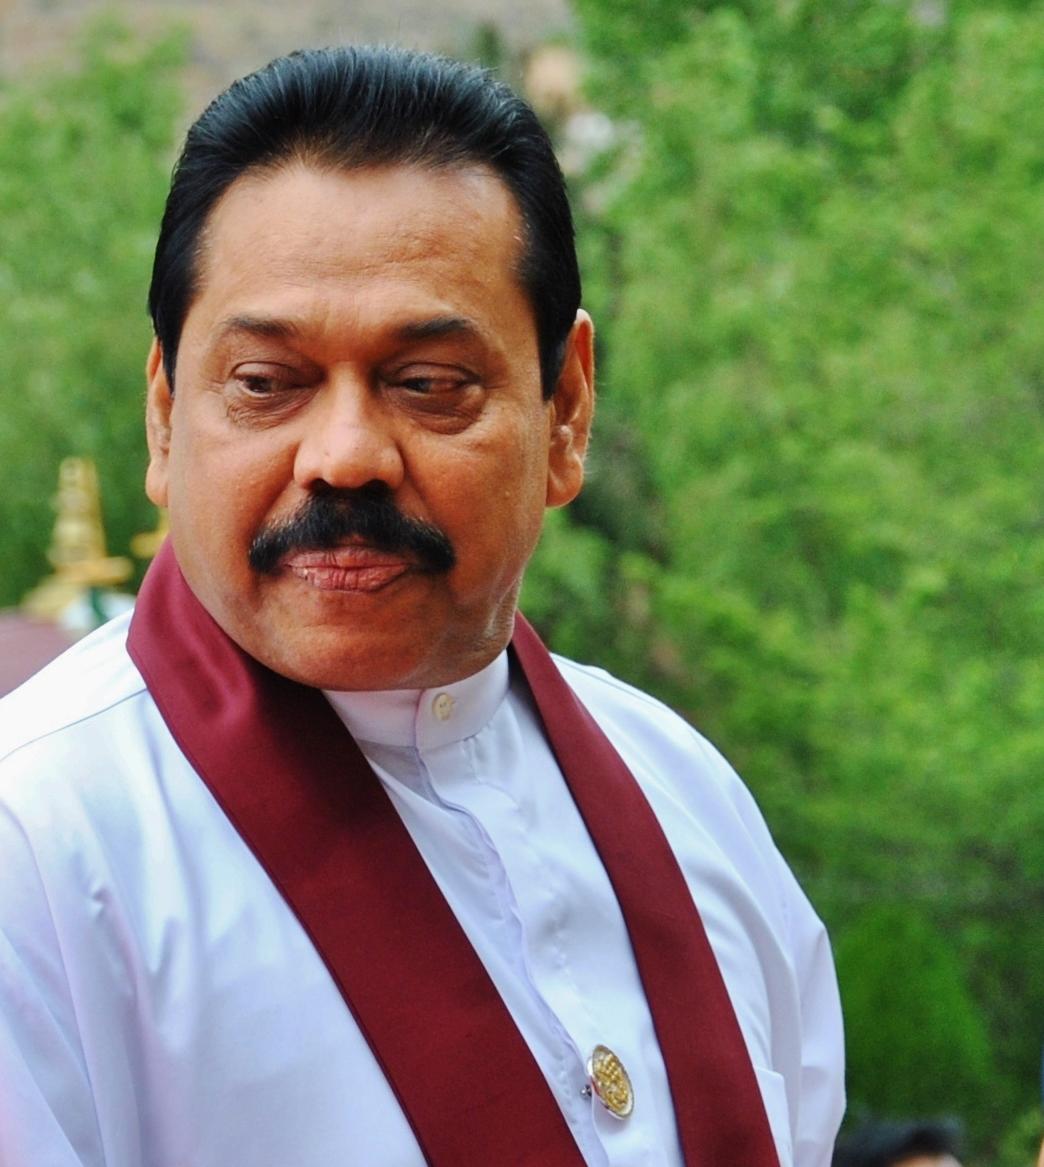 Sri Lanka President Mahinda Rajapaksa. (Morning Star News)